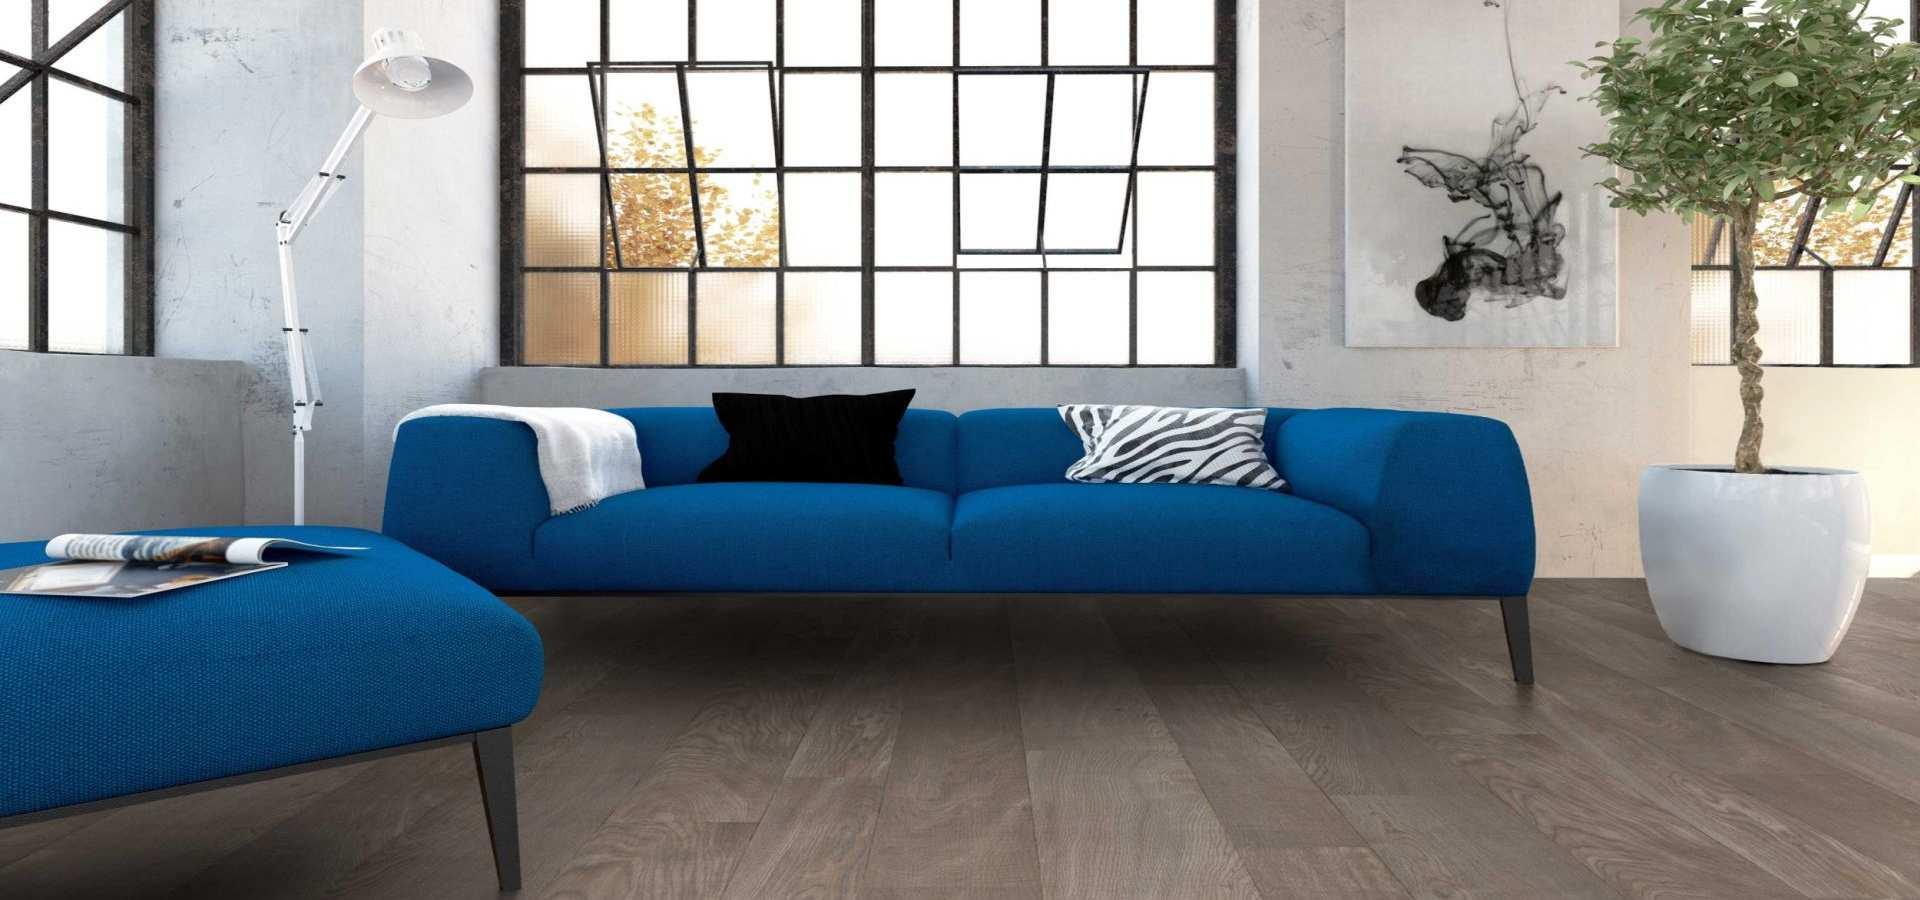 Bild Wohnen CV Boden Wohnzimmer Holzoptik braun